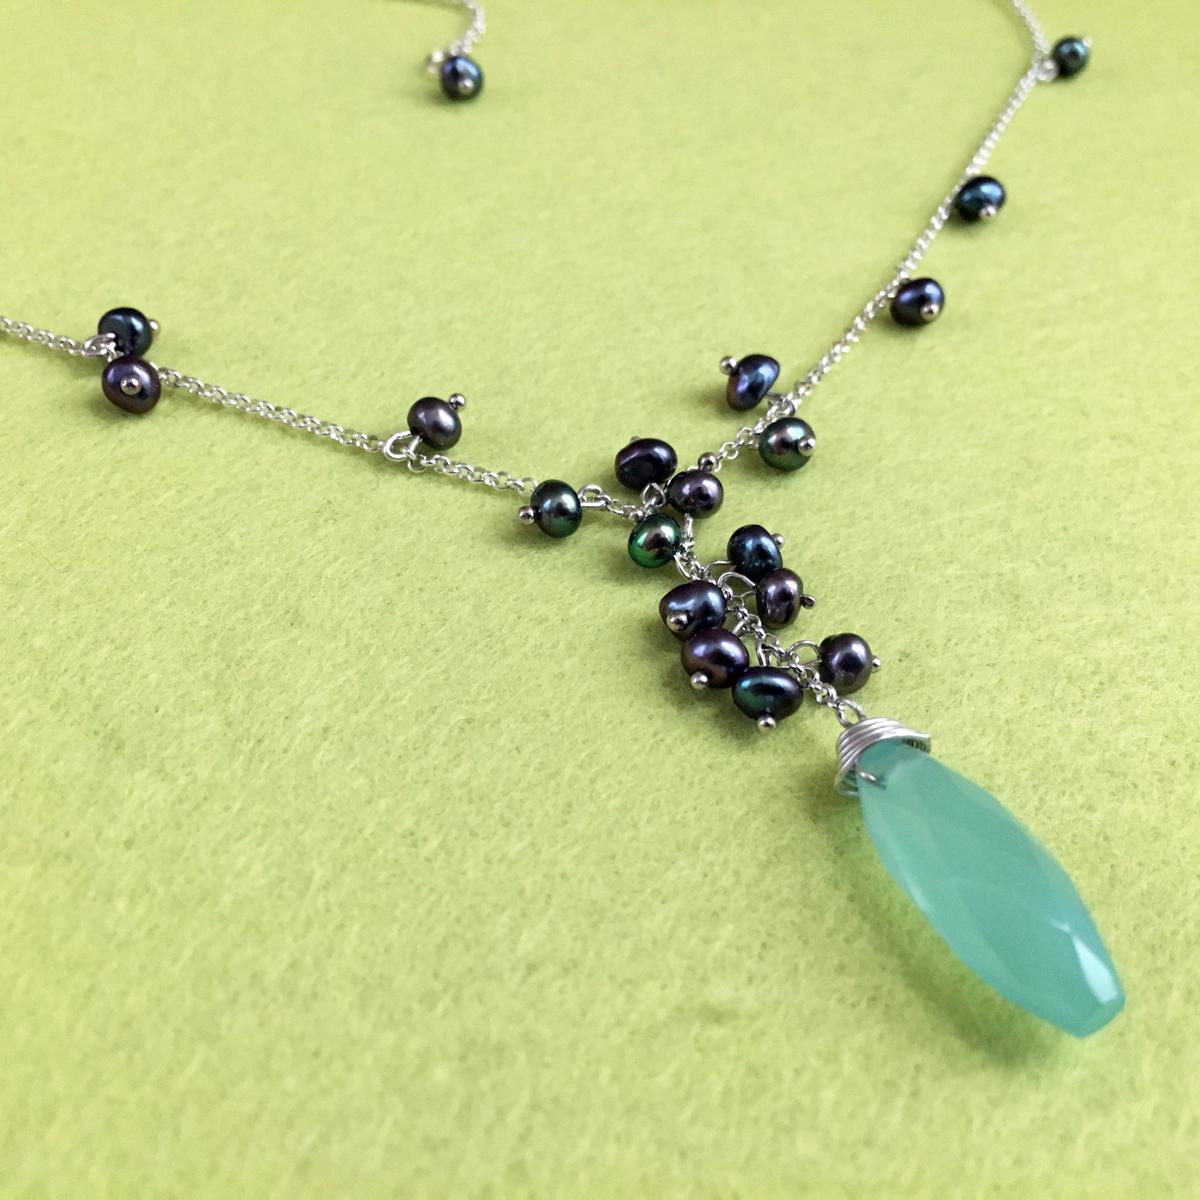 Ocean Breeze 2006  Necklace & Earrings  Chalcedony, Freshwater Pearl, Sterling Silver